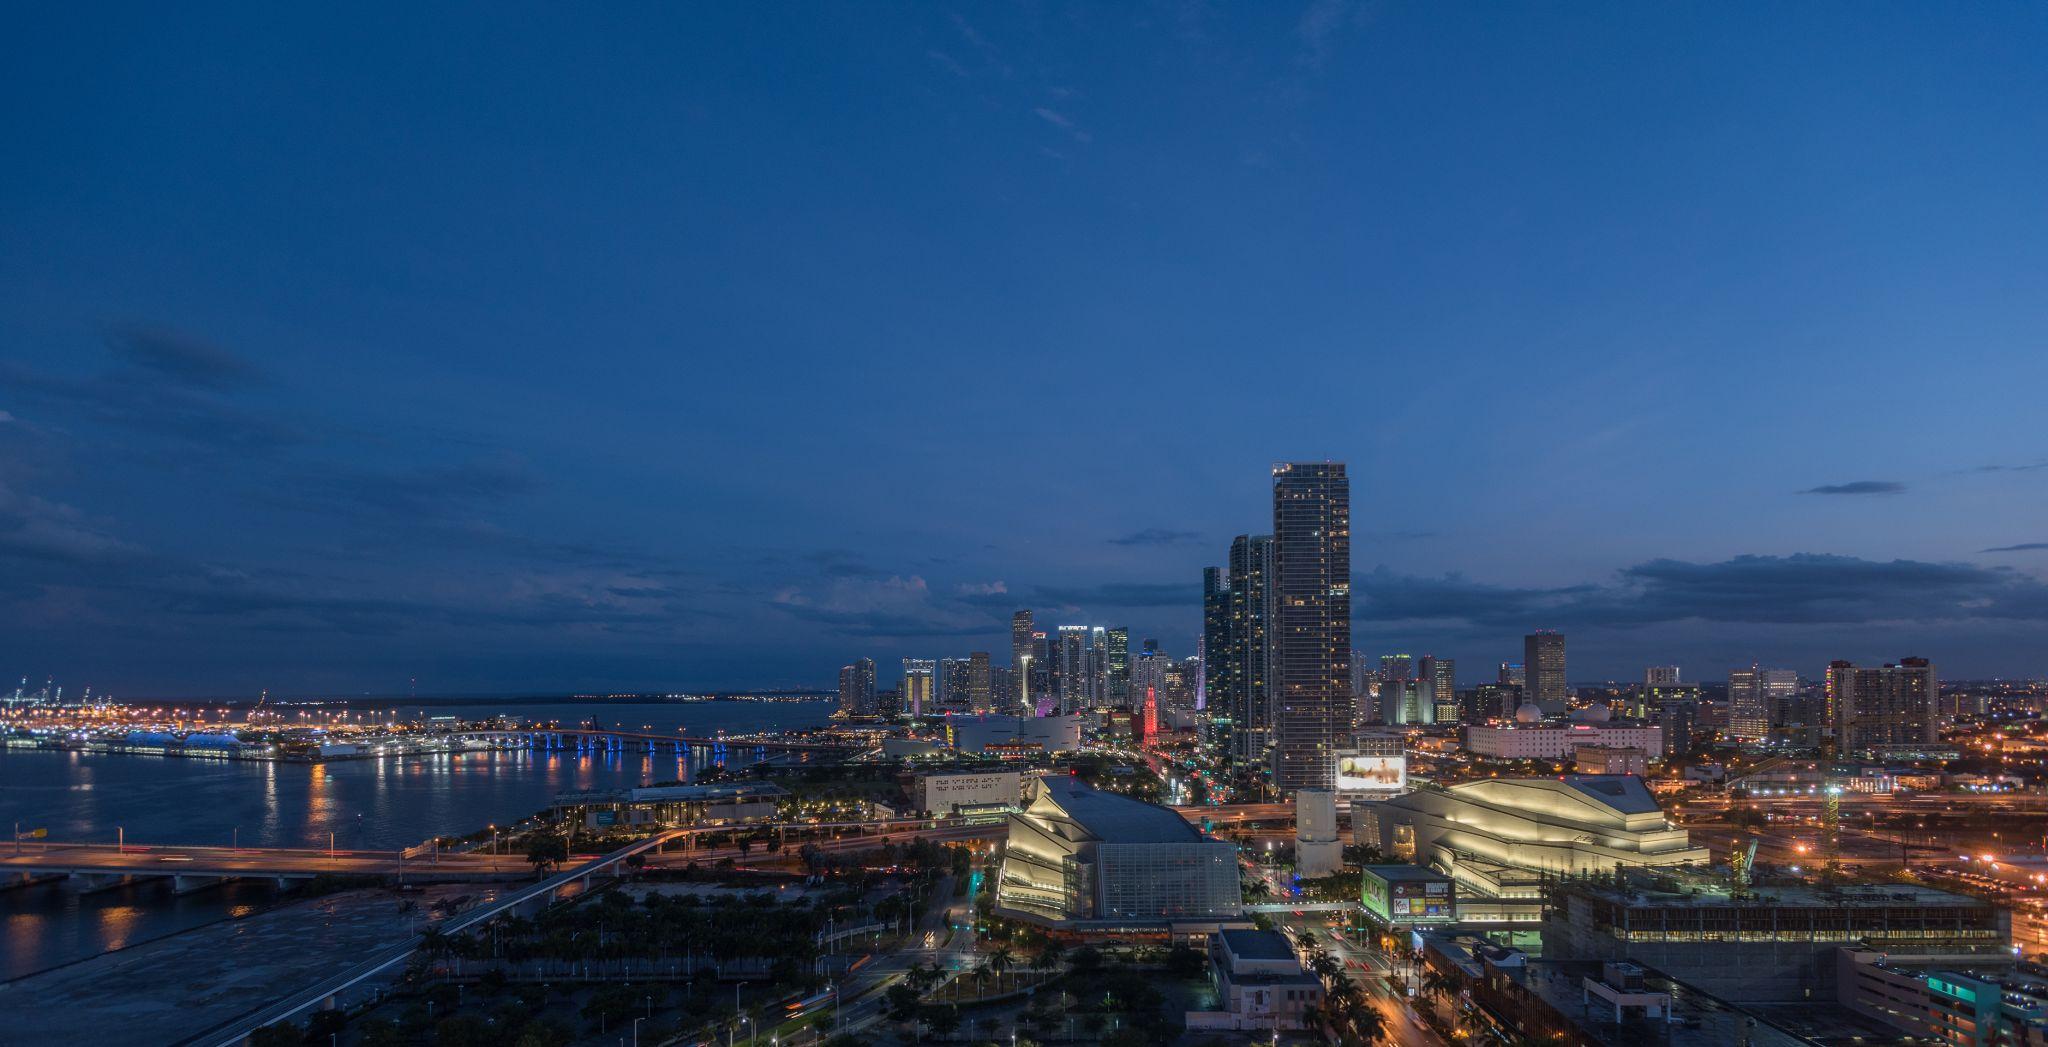 Miami Florida, USA